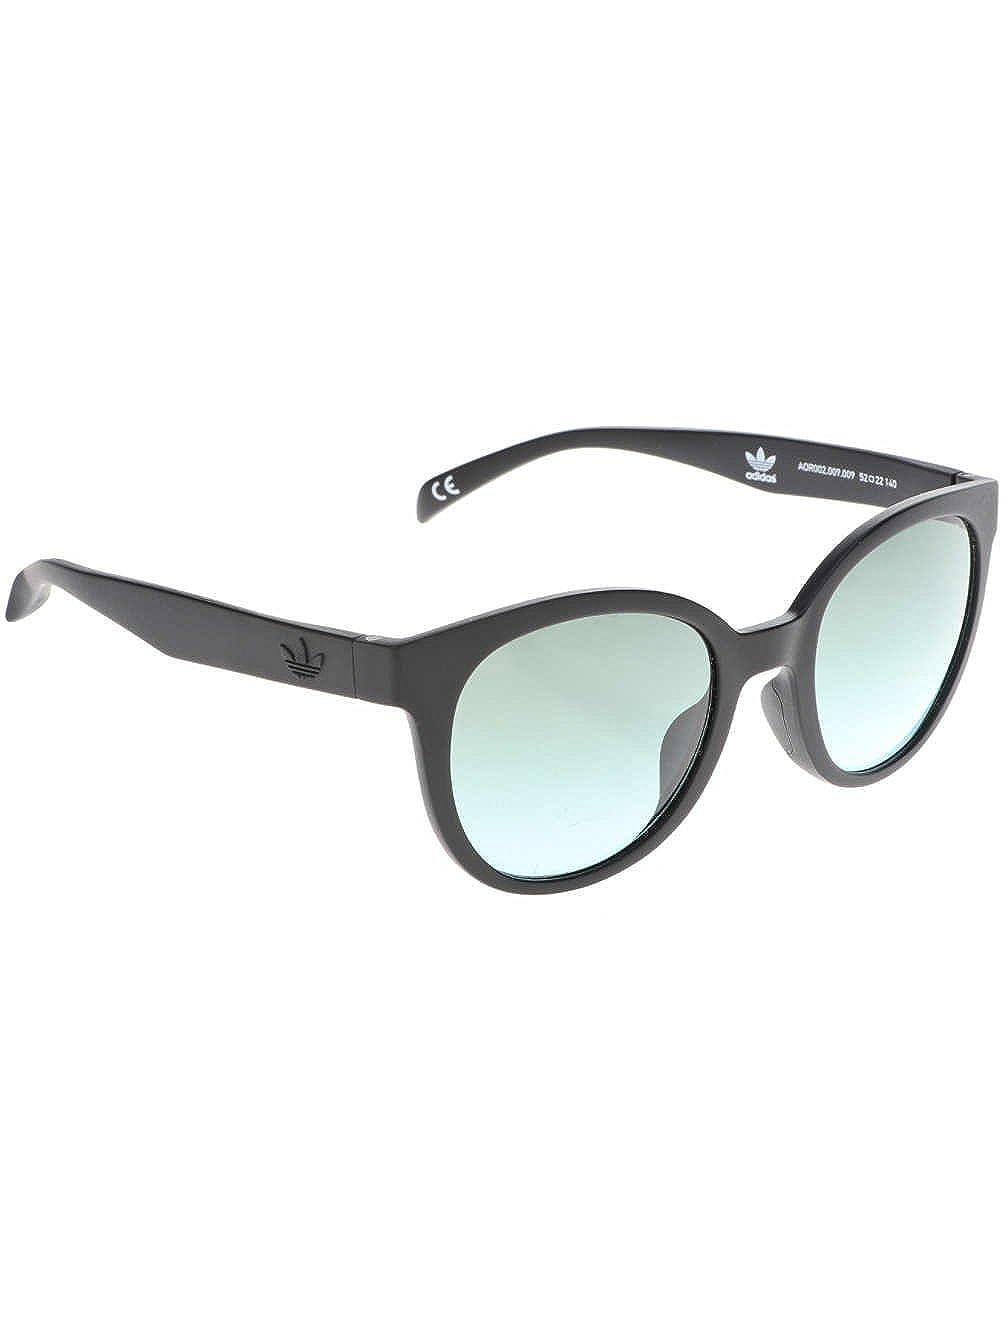 Adidas Originals Herren Sonnenbrille AOR002 AOR002 AOR002 schwarz schwarz Sonnenbrille B01BLG0DO4 Sonnenbrillen 501d3a